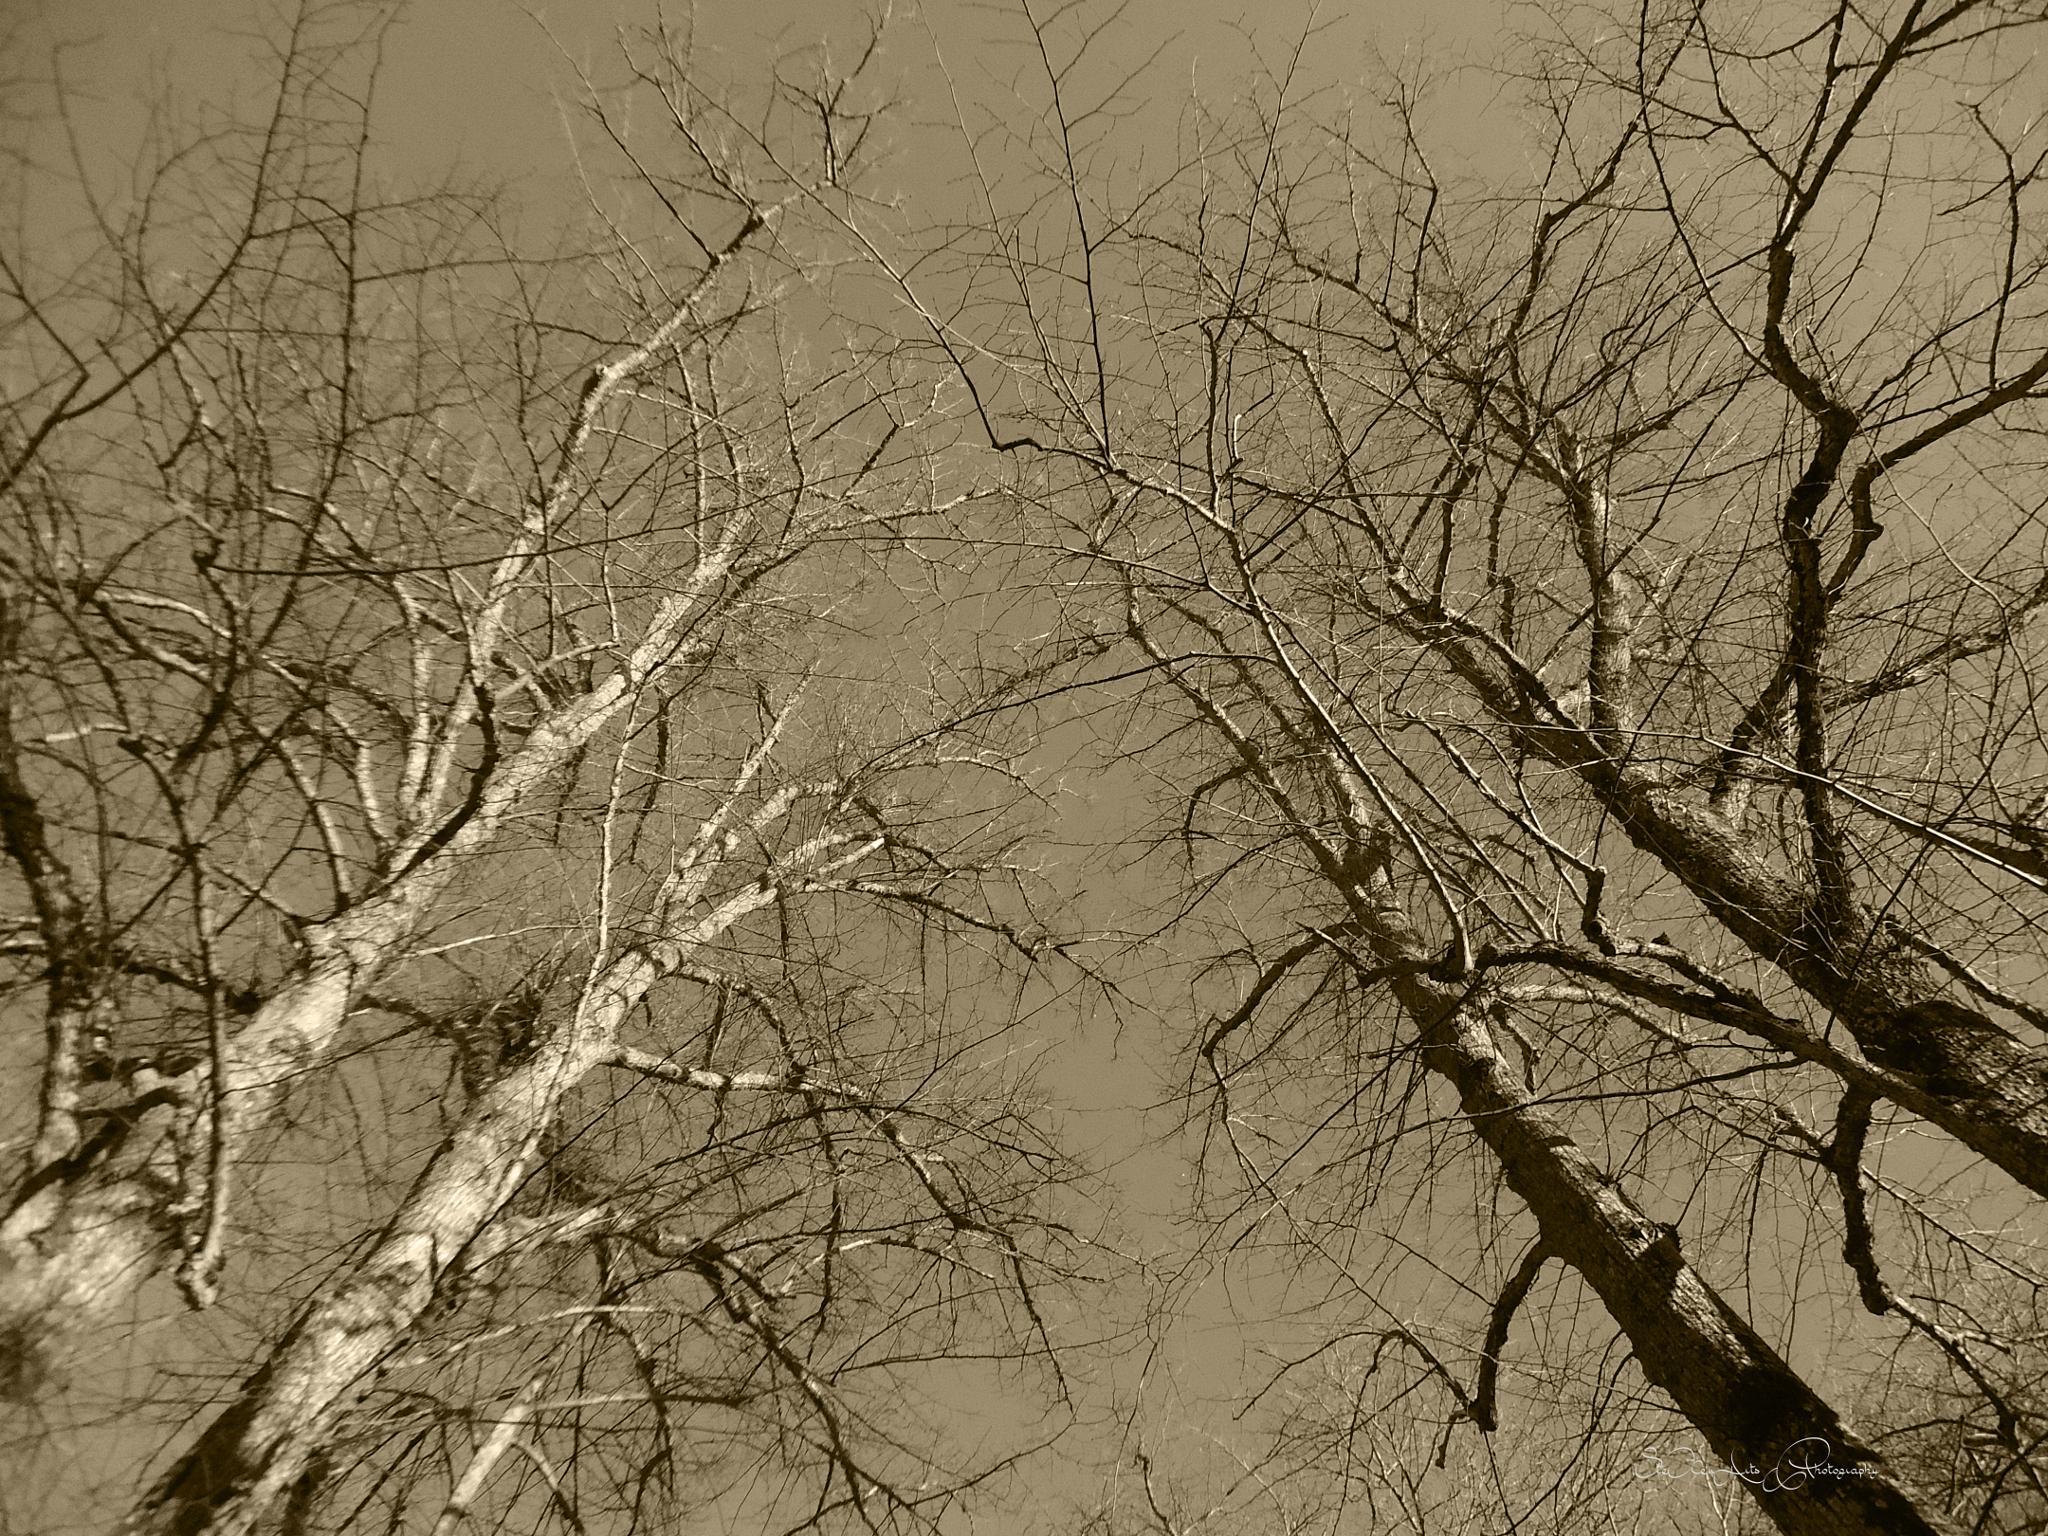 trees by Sanna & Stefan